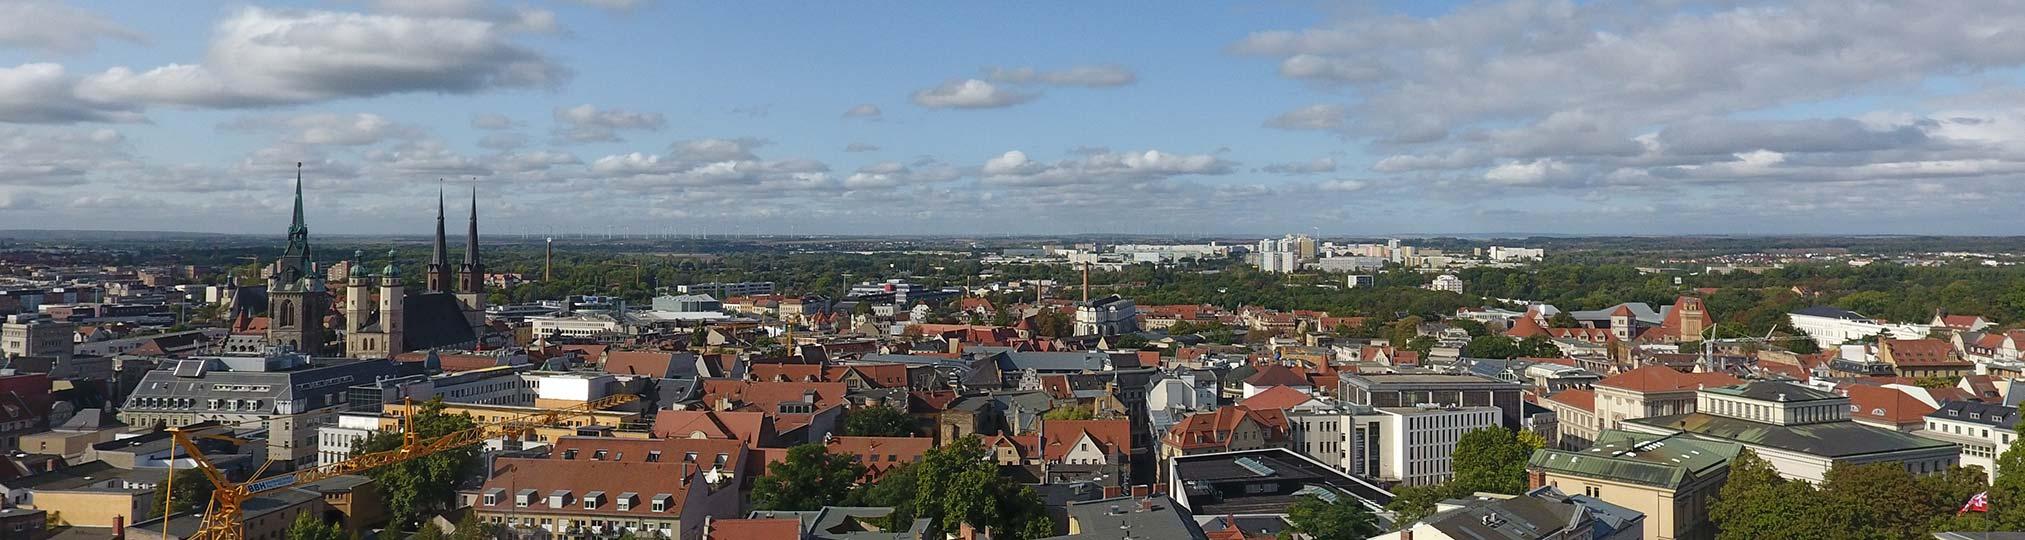 Stadt Halle von oben